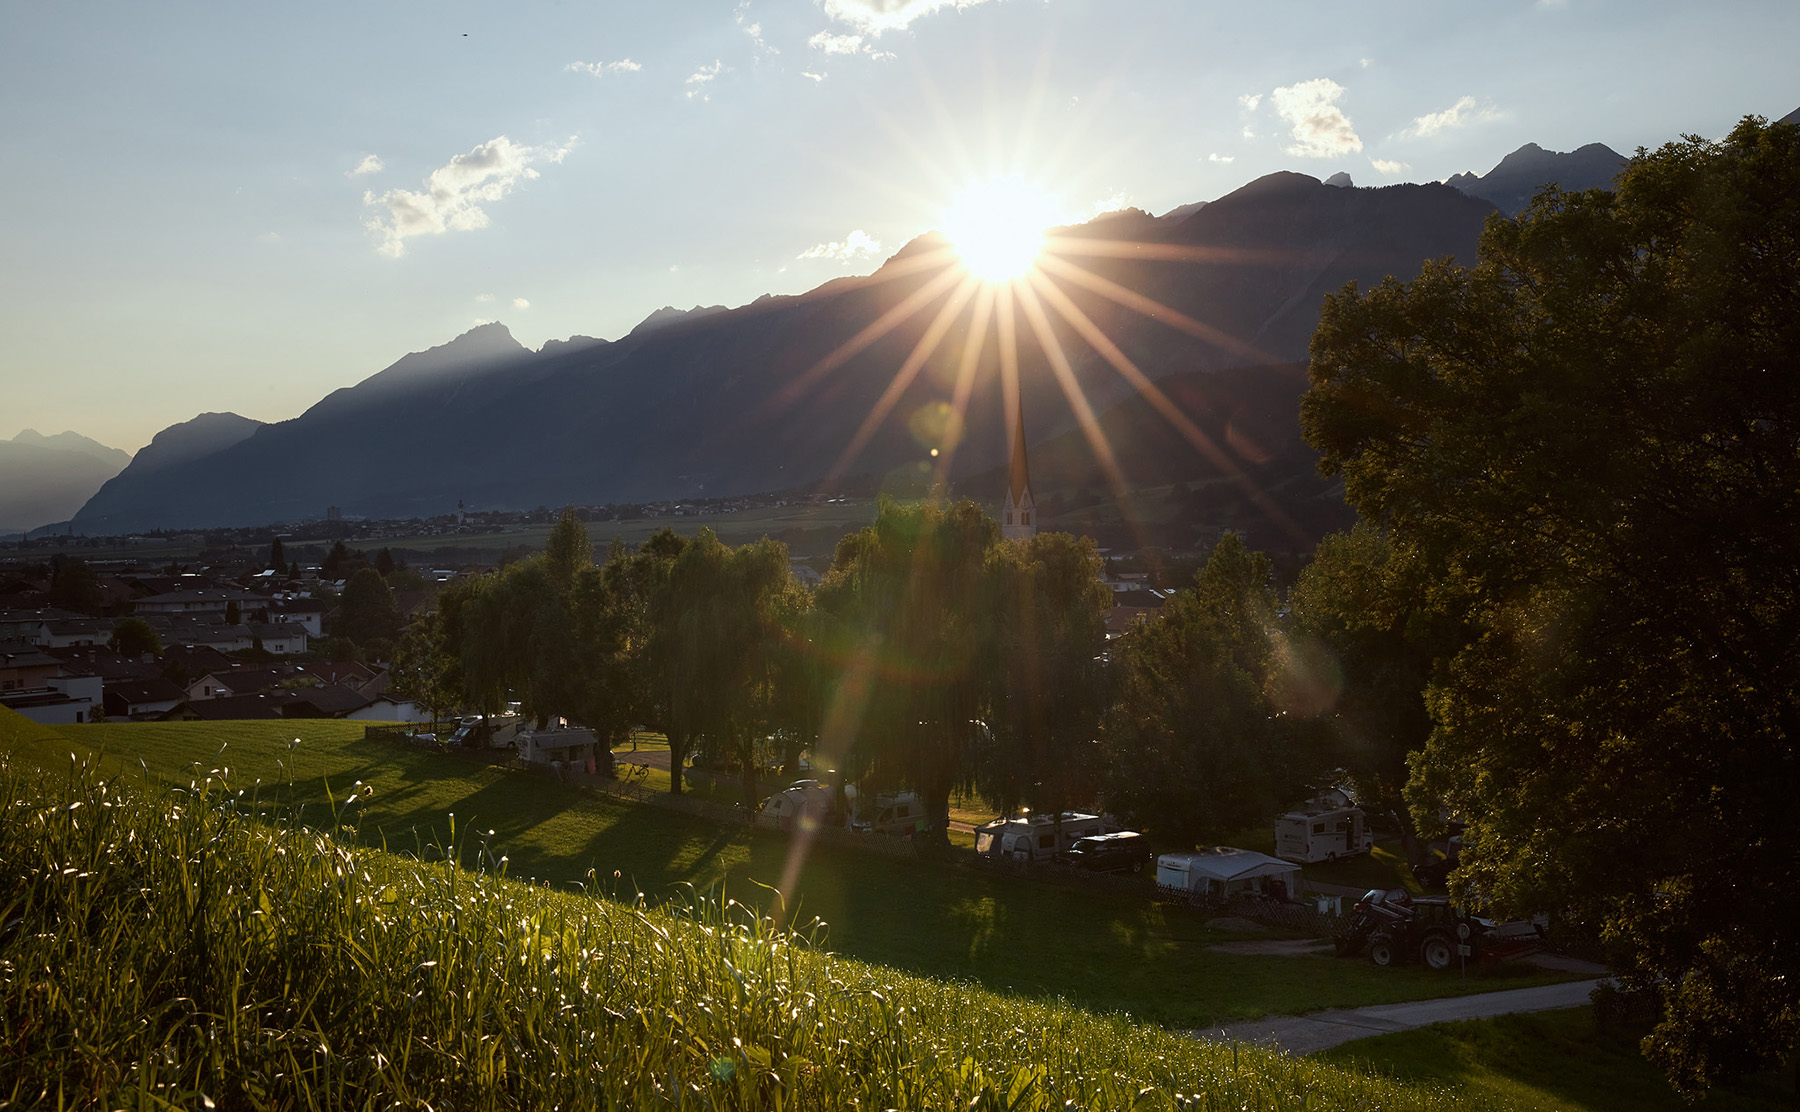 Schlosscamping Aschach bei Sonnenuntergang